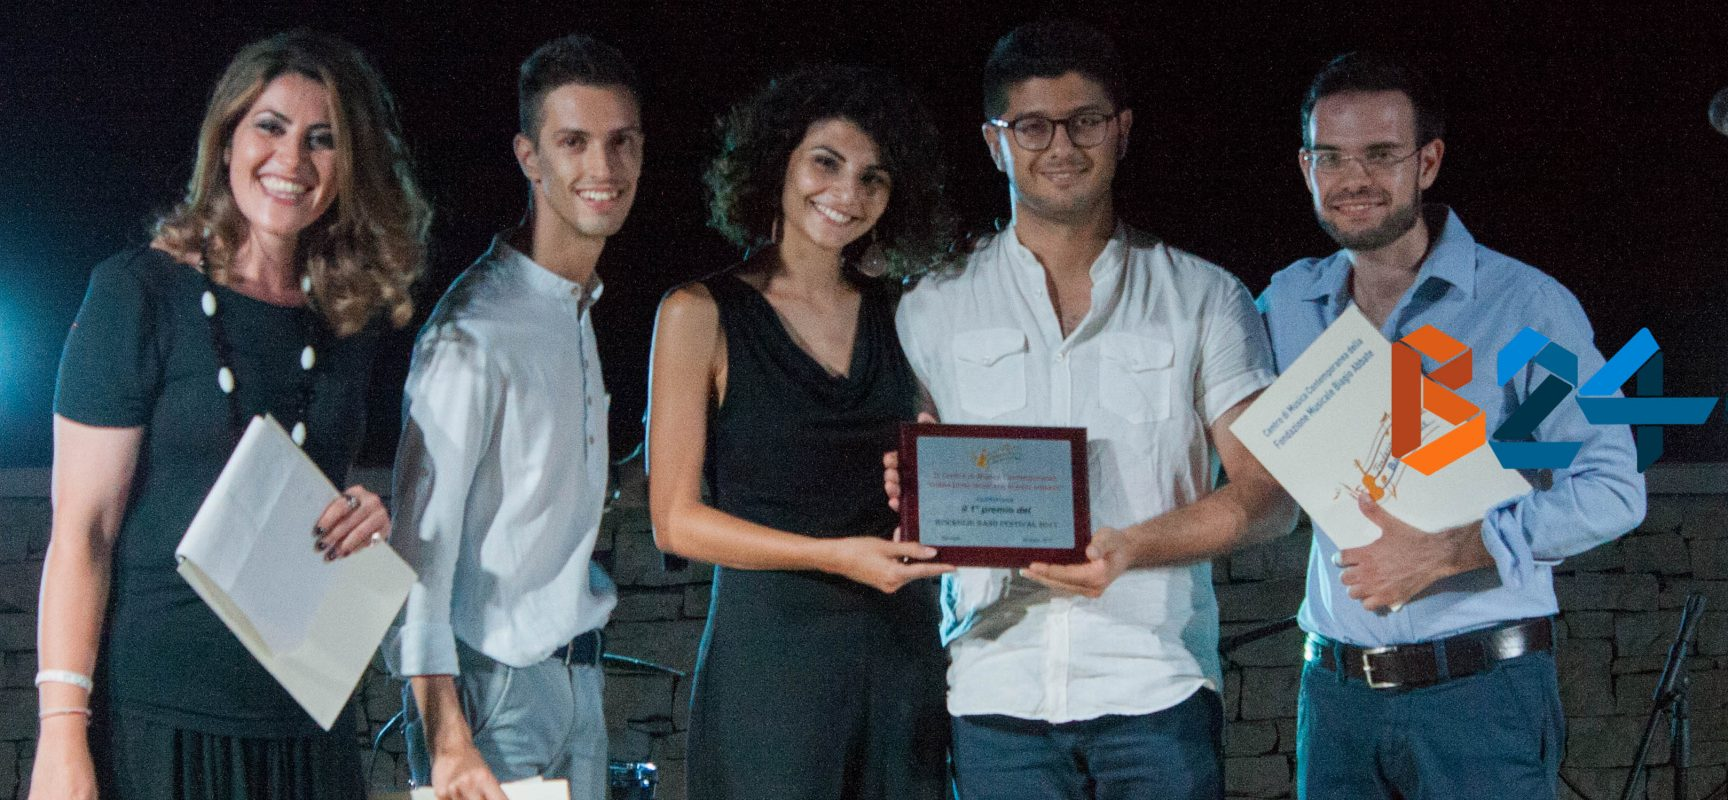 Bisceglie Band Festival 2017, trionfa l'eleganza minimalista del Duo Helios / PHOTOGALLERY